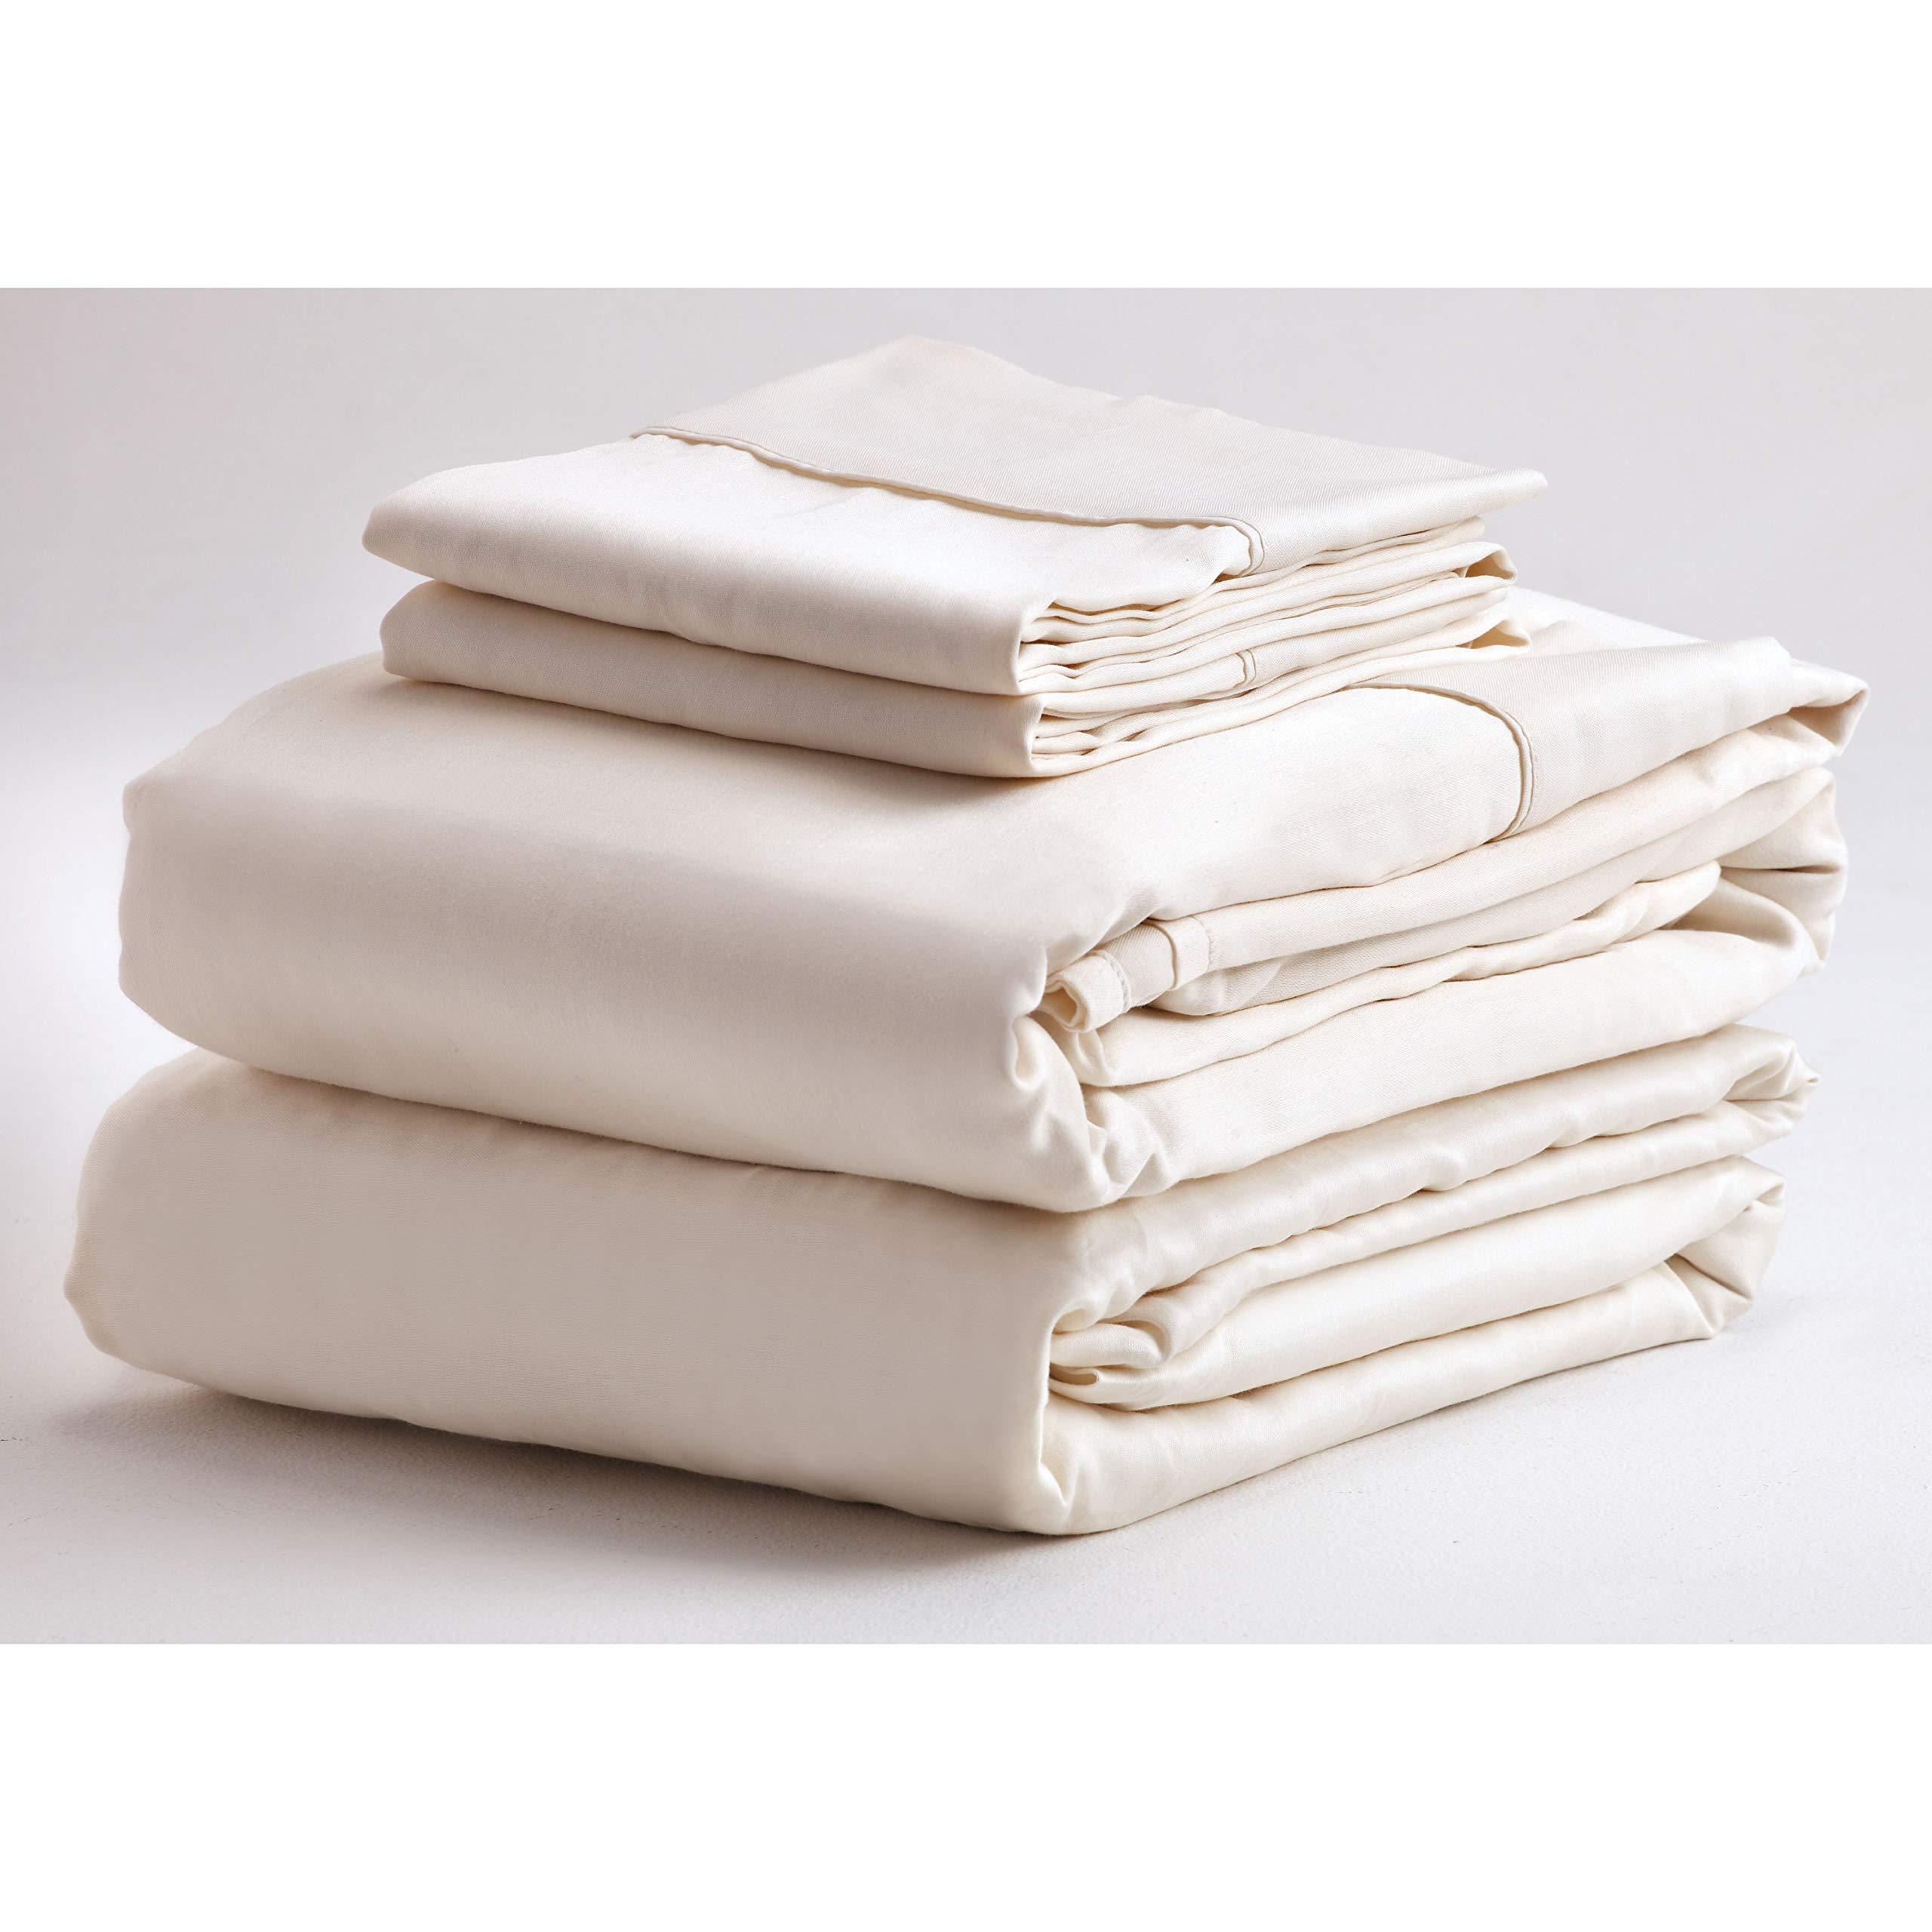 Denver 343530 RV Bunk Size Adjustable Sheet Set Ivory by Denver Mattress